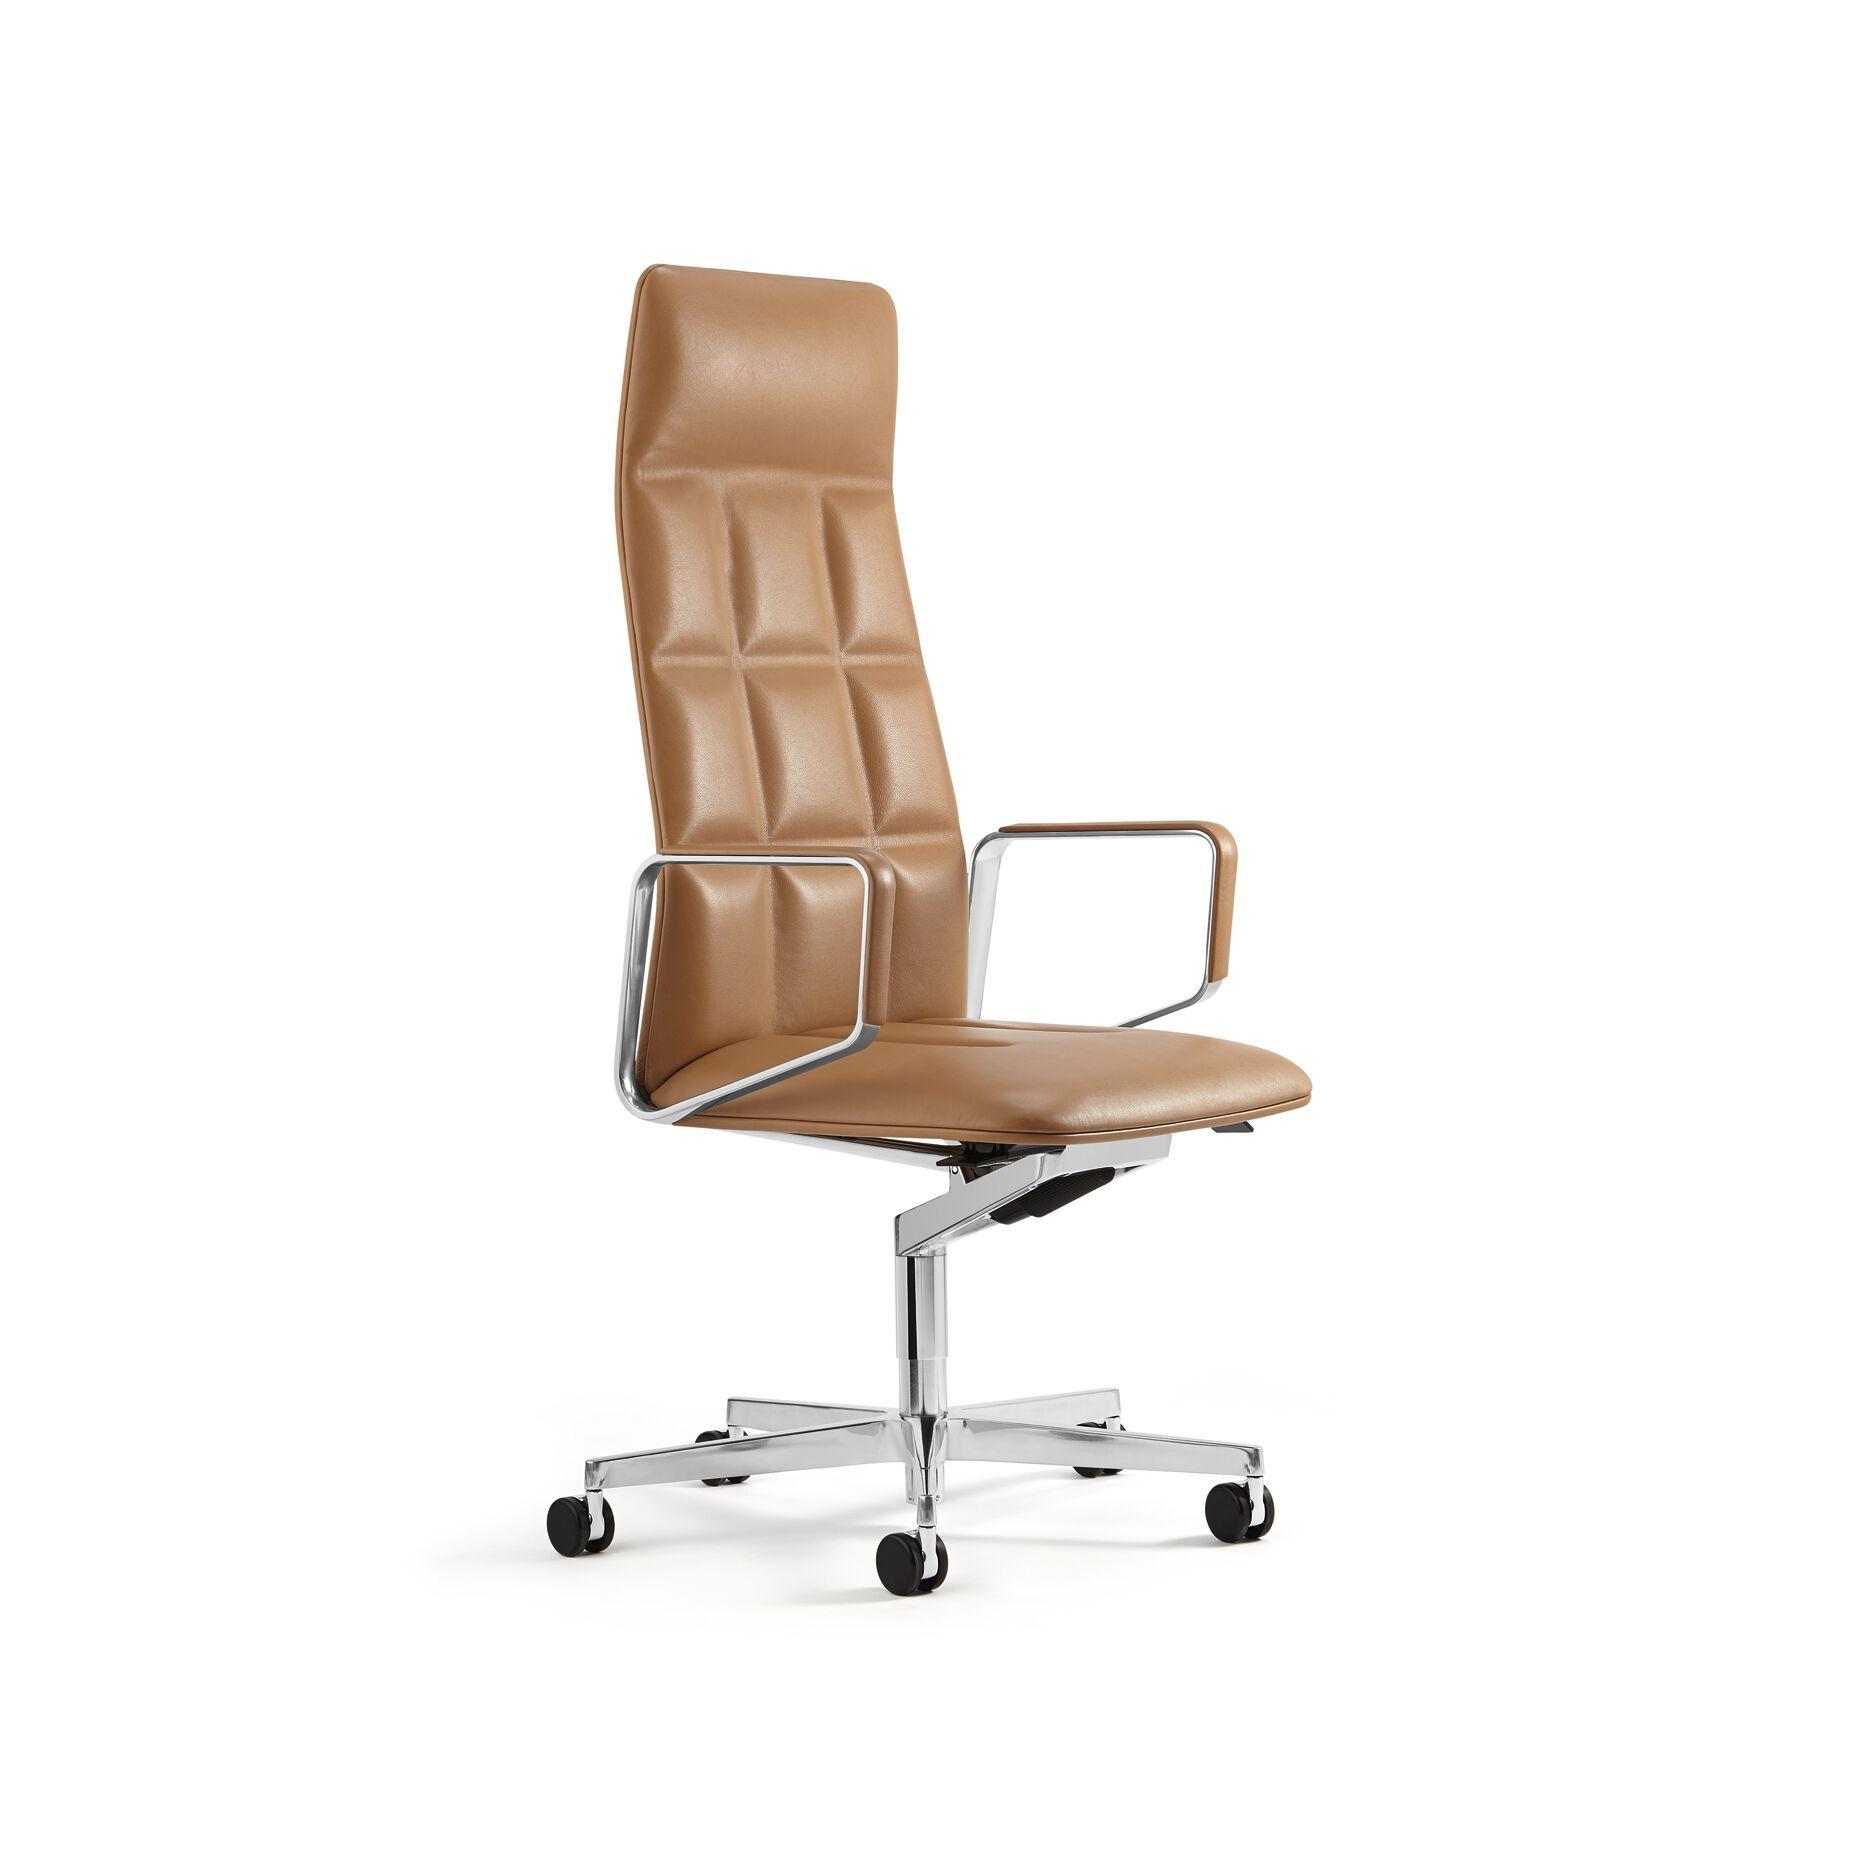 05-WK-Leadchair-0049-H.tif